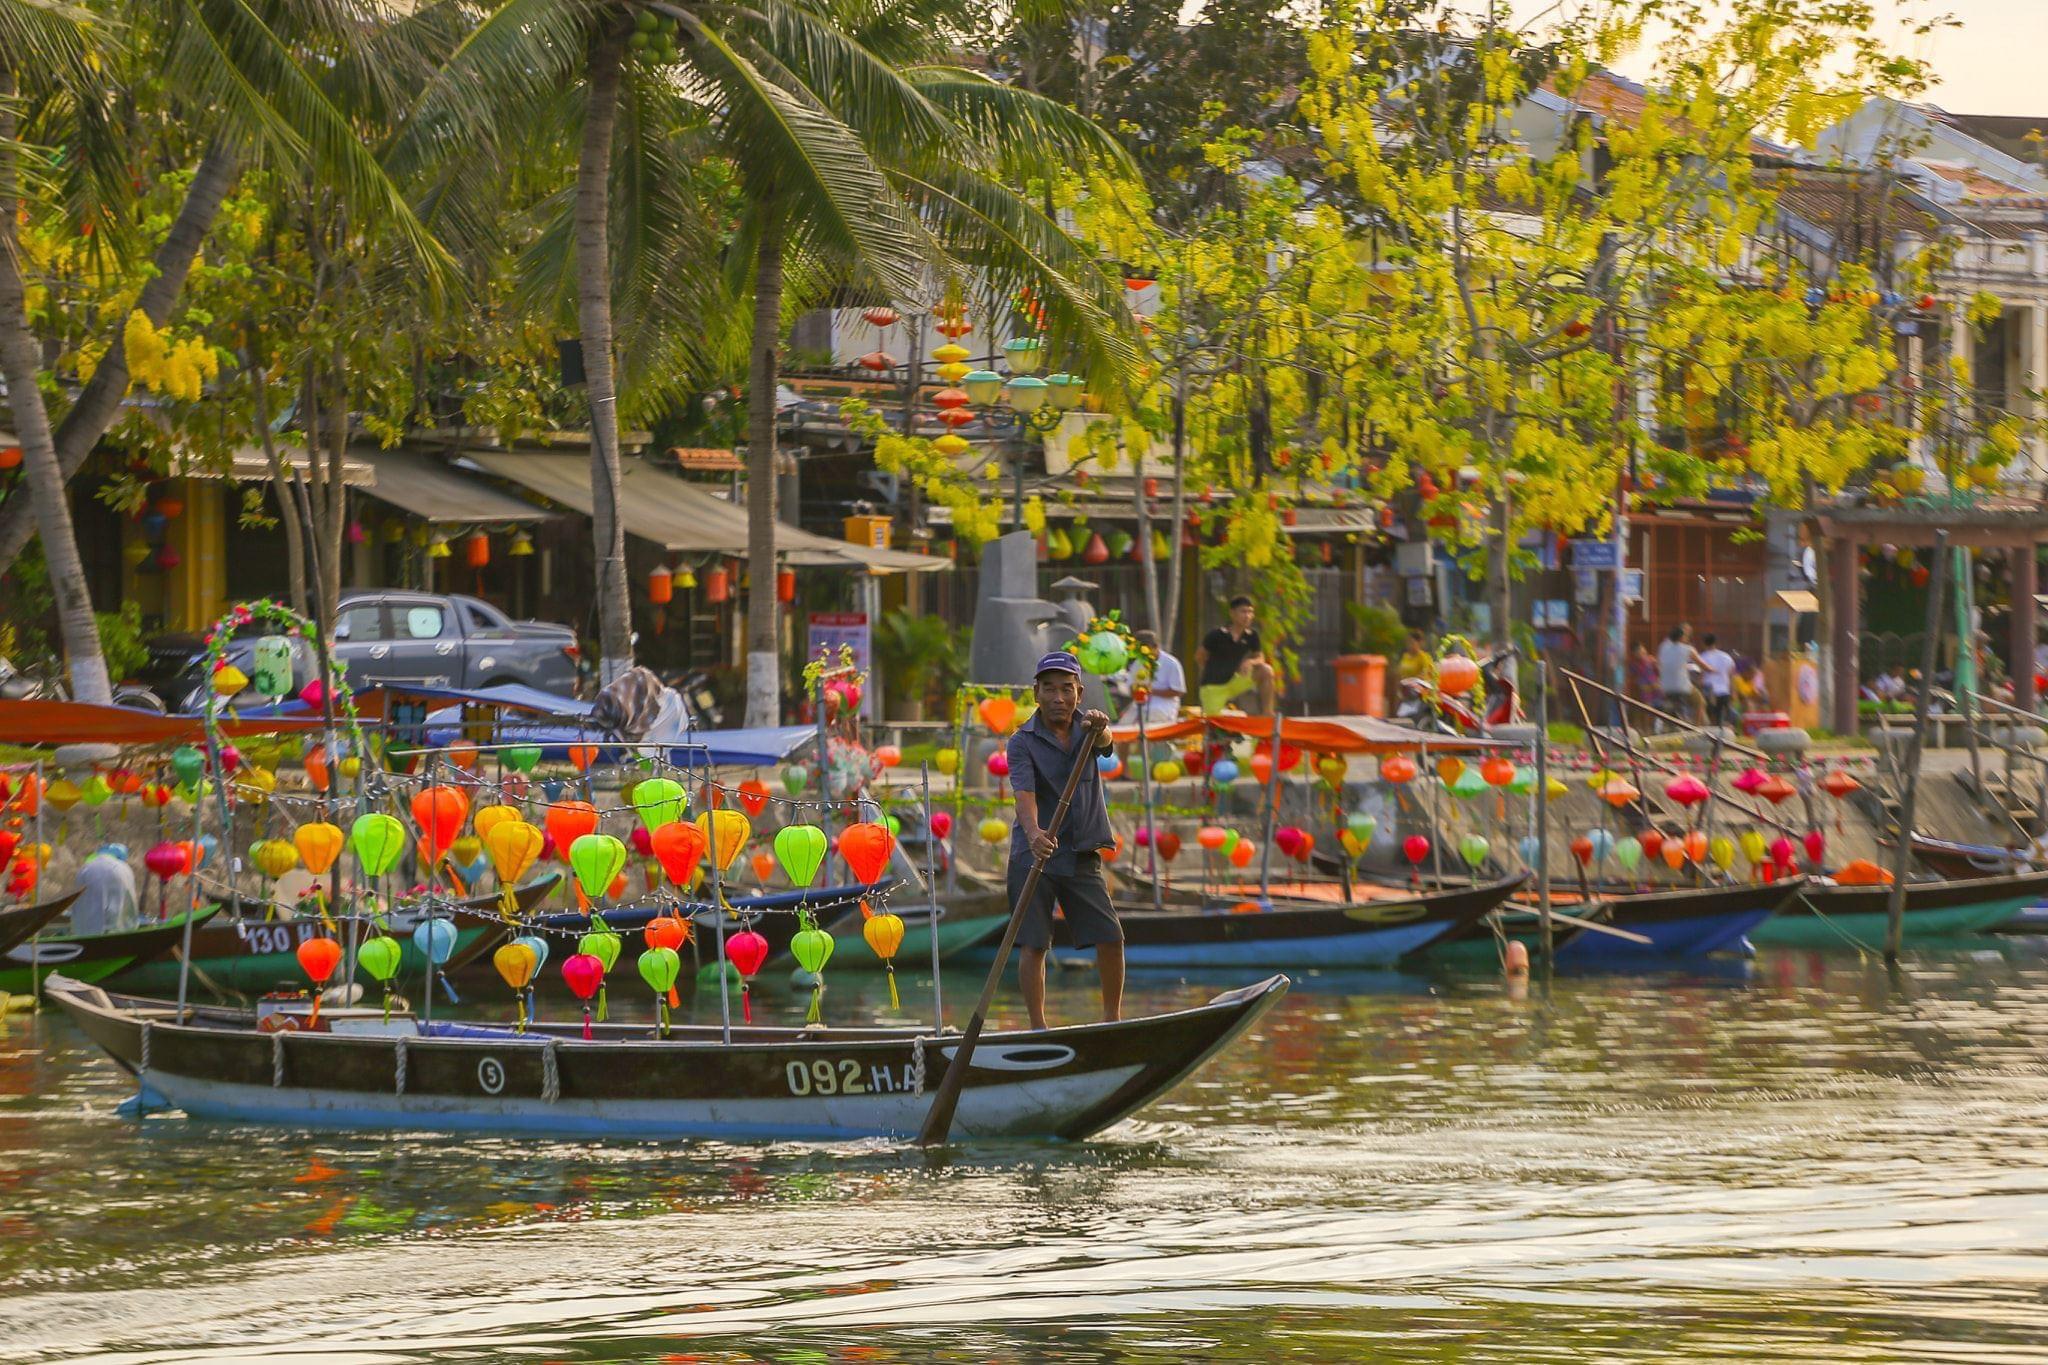 Hình ảnh những con thuyền đậu bên bờ sông Hoài